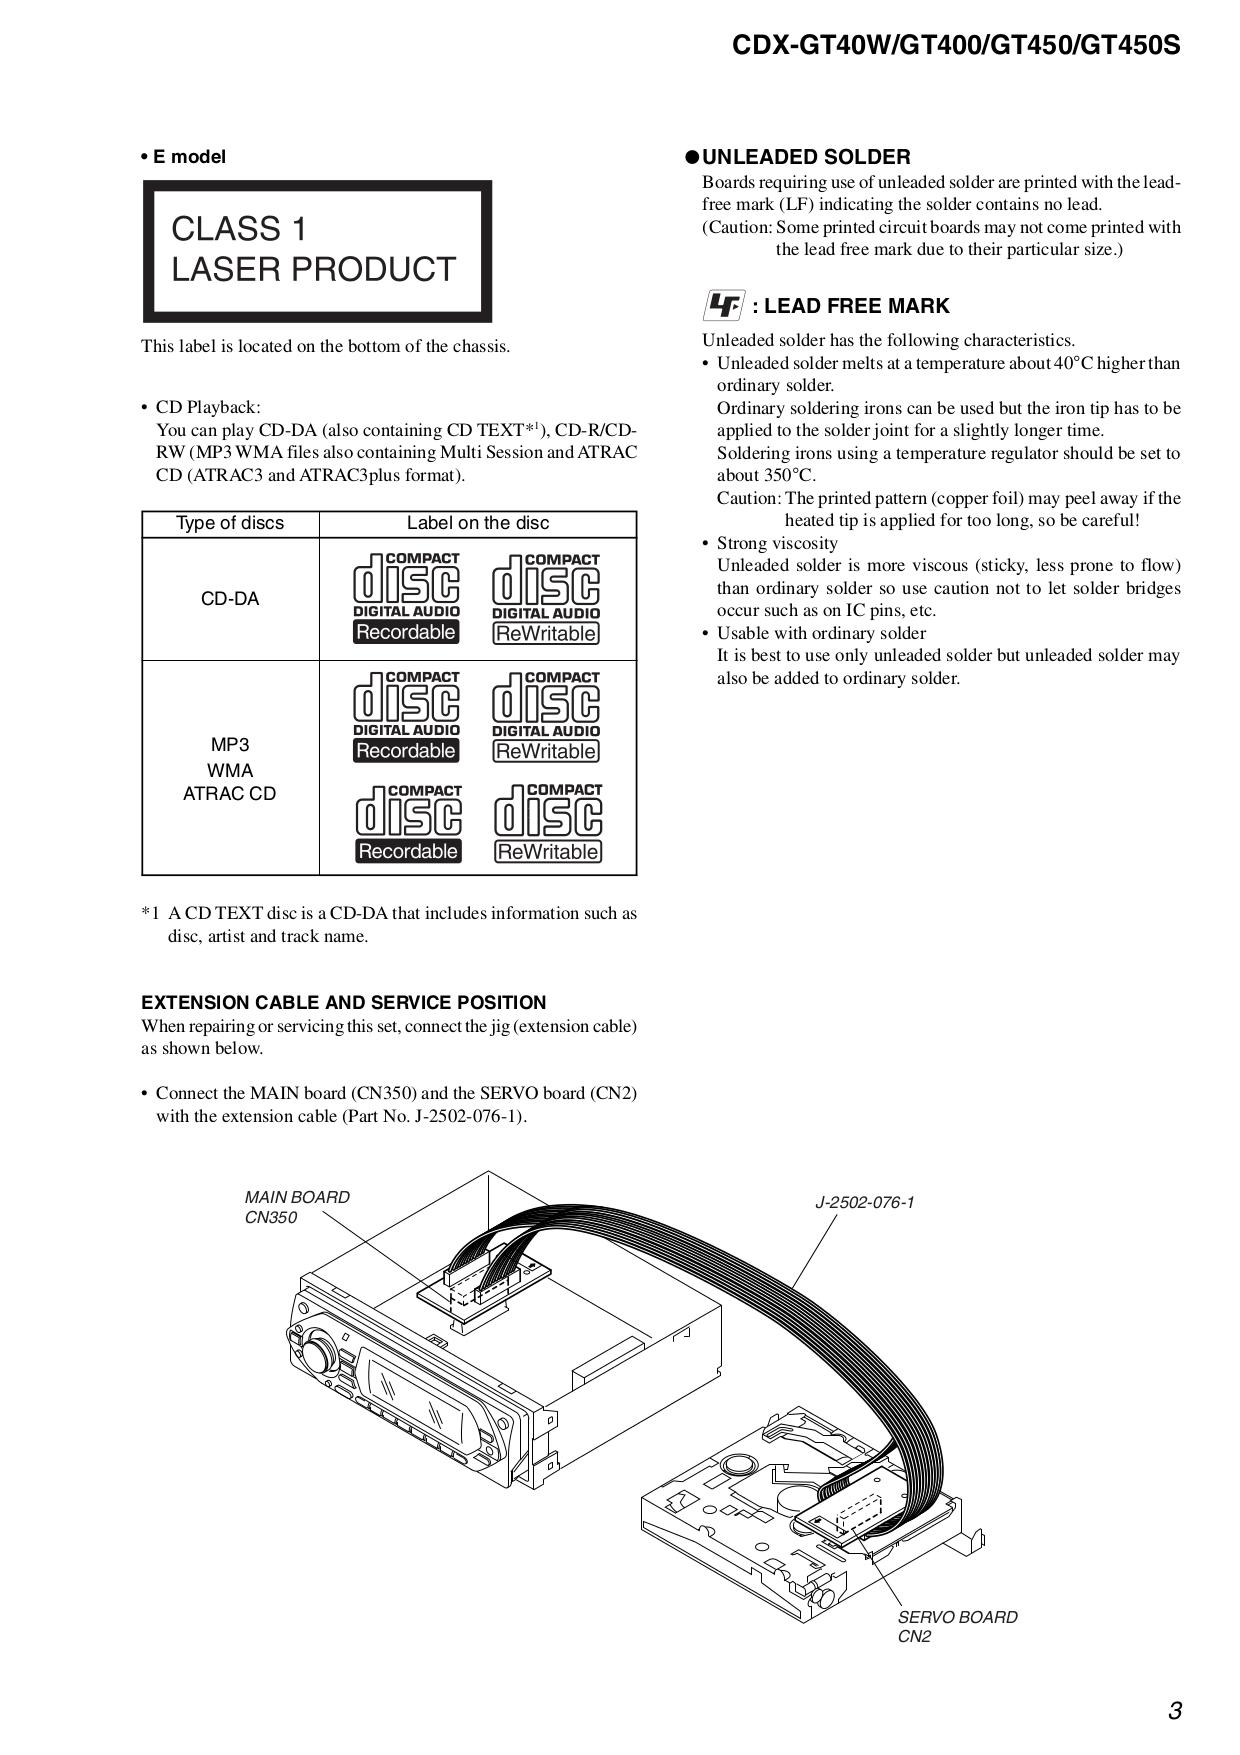 Sony Xplod Cdx Gt55uiw Wiring Diagram